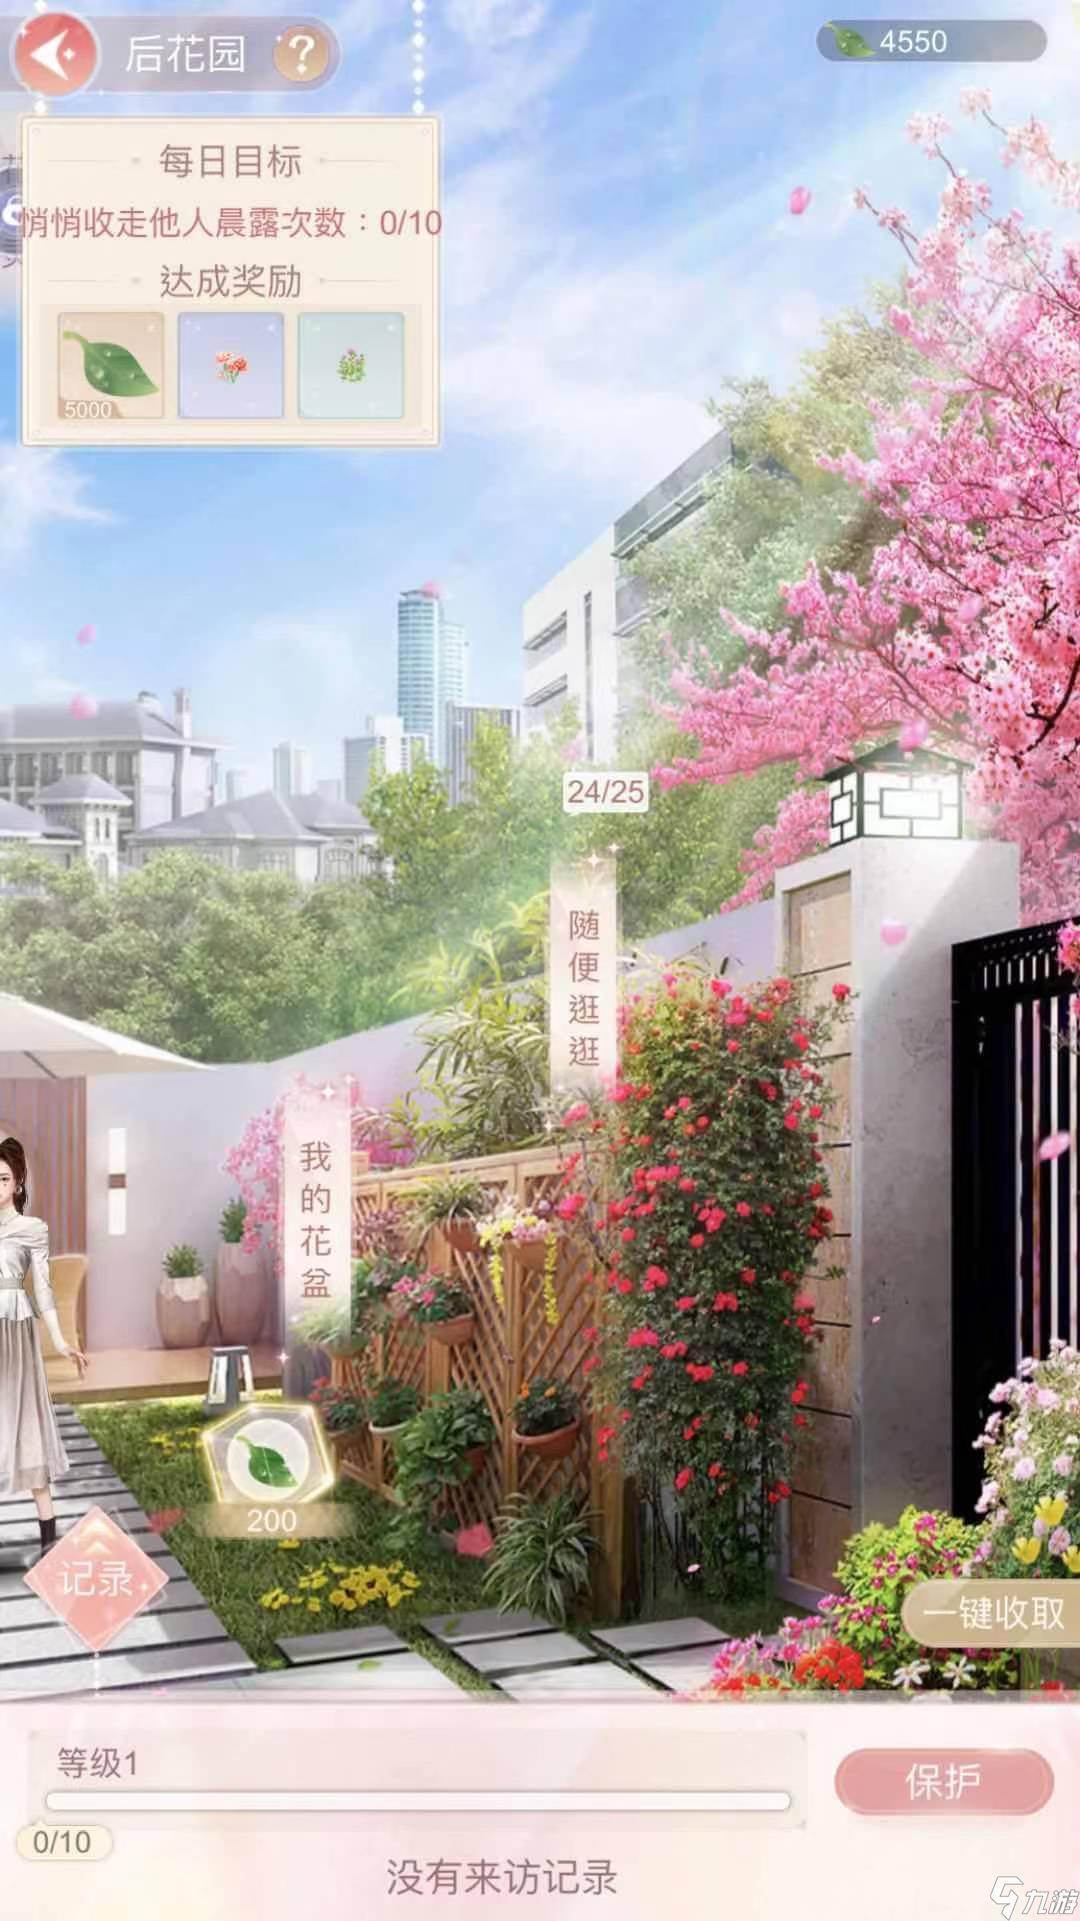 一千克拉女王后花园怎么玩 后花园玩法介绍